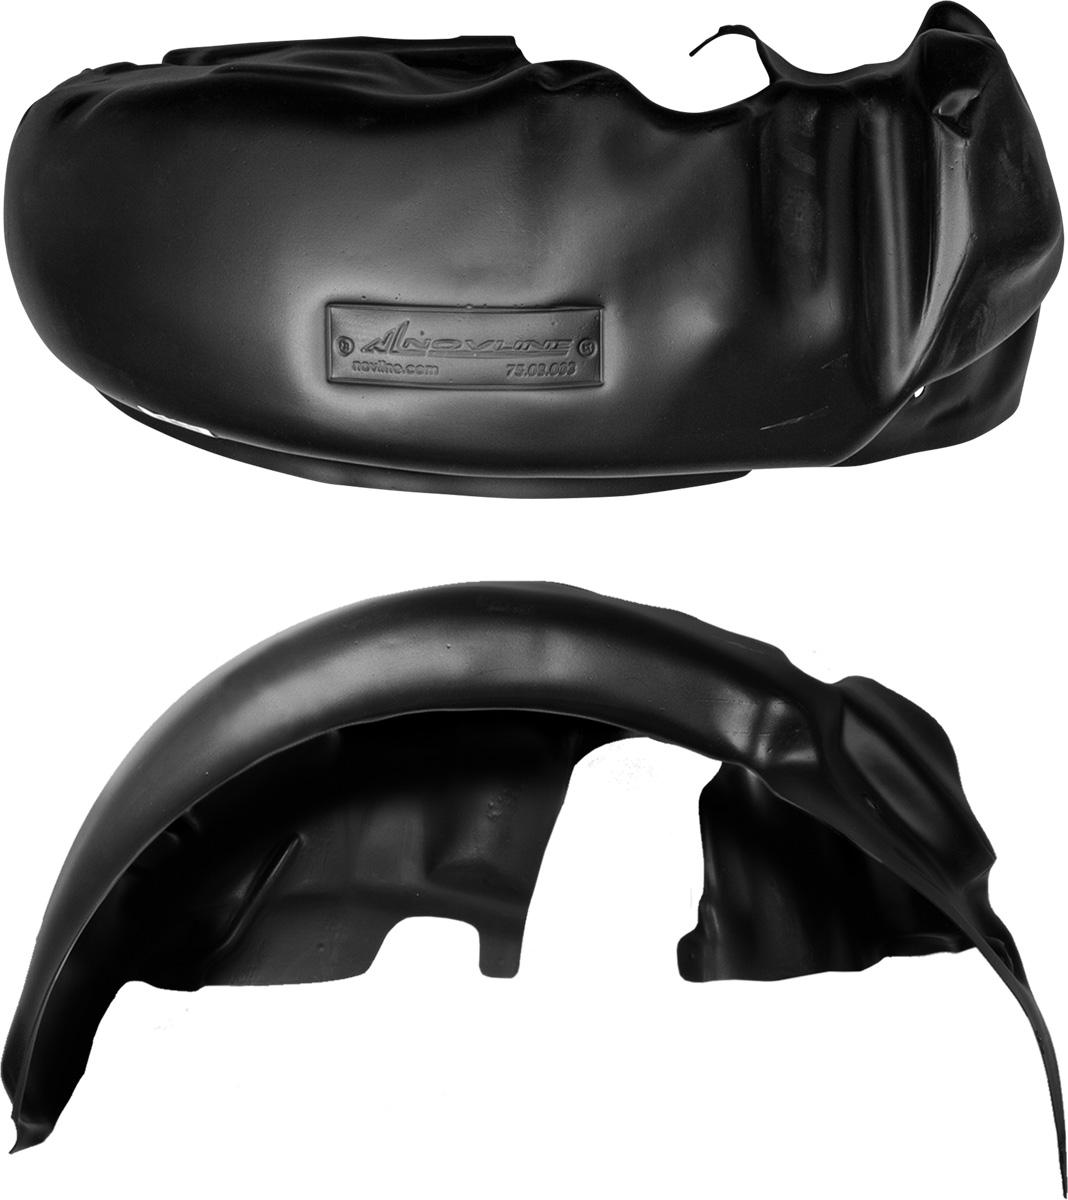 Подкрылок RENAULT Logan 2004-2013, задний правыйNLL.41.05.004Колесные ниши – одни из самых уязвимых зон днища вашего автомобиля. Они постоянно подвергаются воздействию со стороны дороги. Лучшая, почти абсолютная защита для них - специально отформованные пластиковые кожухи, которые называются подкрылками, или локерами. Производятся они как для отечественных моделей автомобилей, так и для иномарок. Подкрылки выполнены из высококачественного, экологически чистого пластика. Обеспечивают надежную защиту кузова автомобиля от пескоструйного эффекта и негативного влияния, агрессивных антигололедных реагентов. Пластик обладает более низкой теплопроводностью, чем металл, поэтому в зимний период эксплуатации использование пластиковых подкрылков позволяет лучше защитить колесные ниши от налипания снега и образования наледи. Оригинальность конструкции подчеркивает элегантность автомобиля, бережно защищает нанесенное на днище кузова антикоррозийное покрытие и позволяет осуществить крепление подкрылков внутри колесной арки практически без дополнительного...